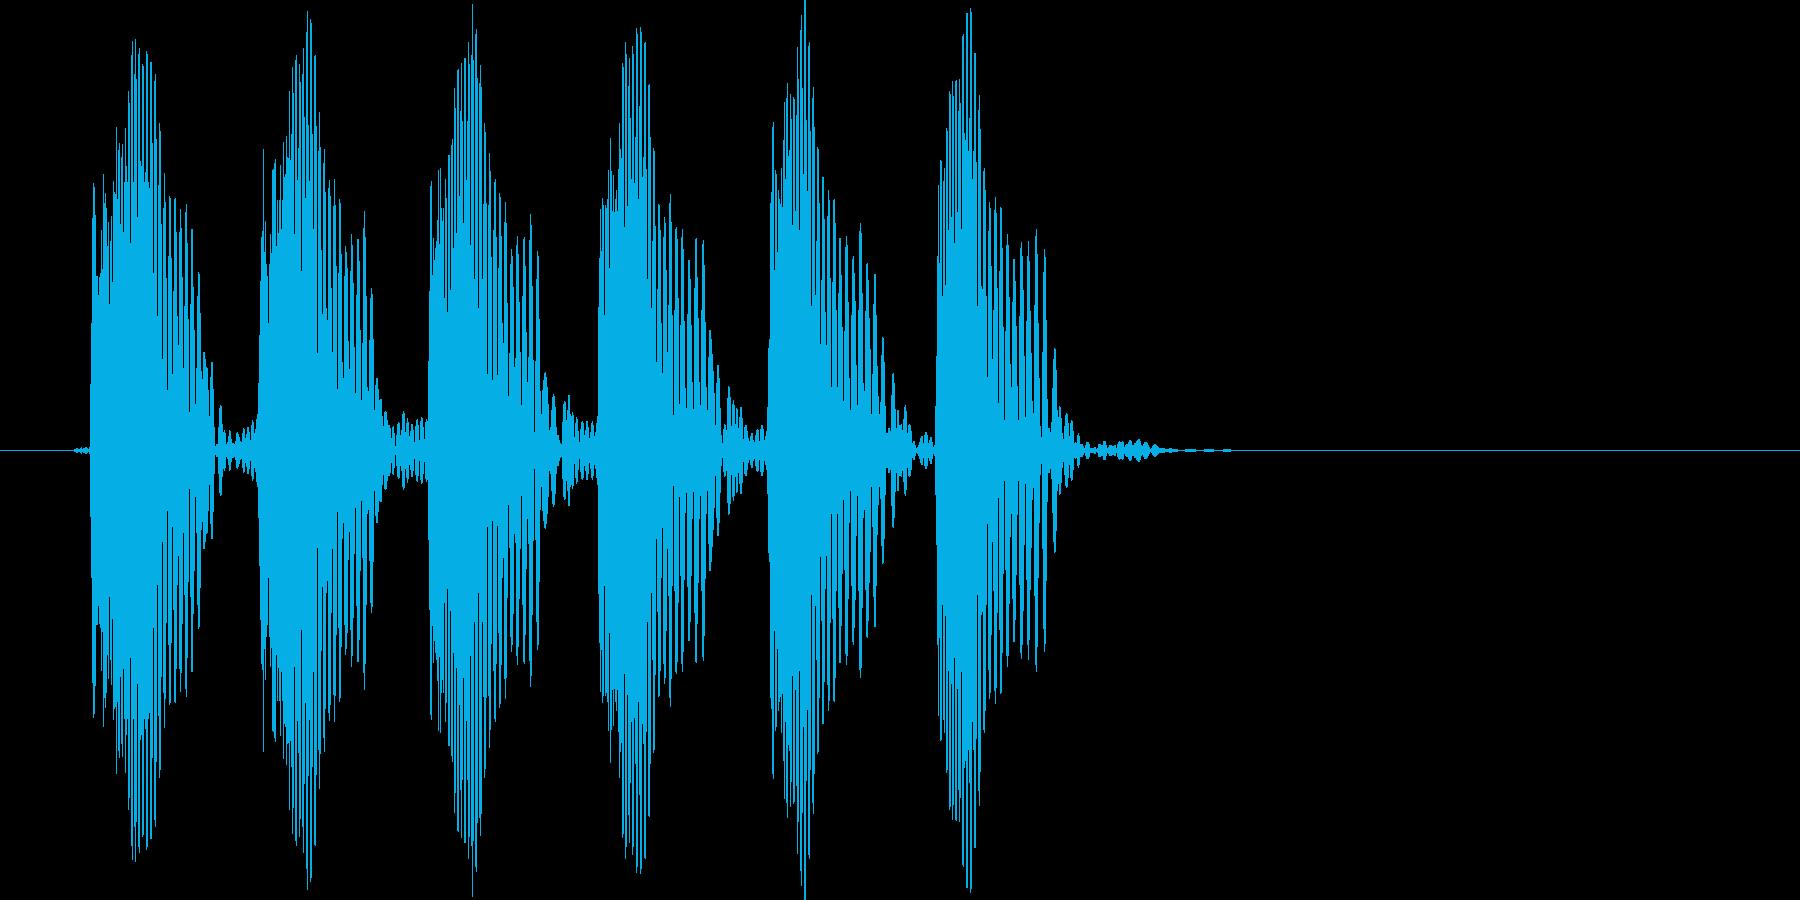 キャンセル音の再生済みの波形